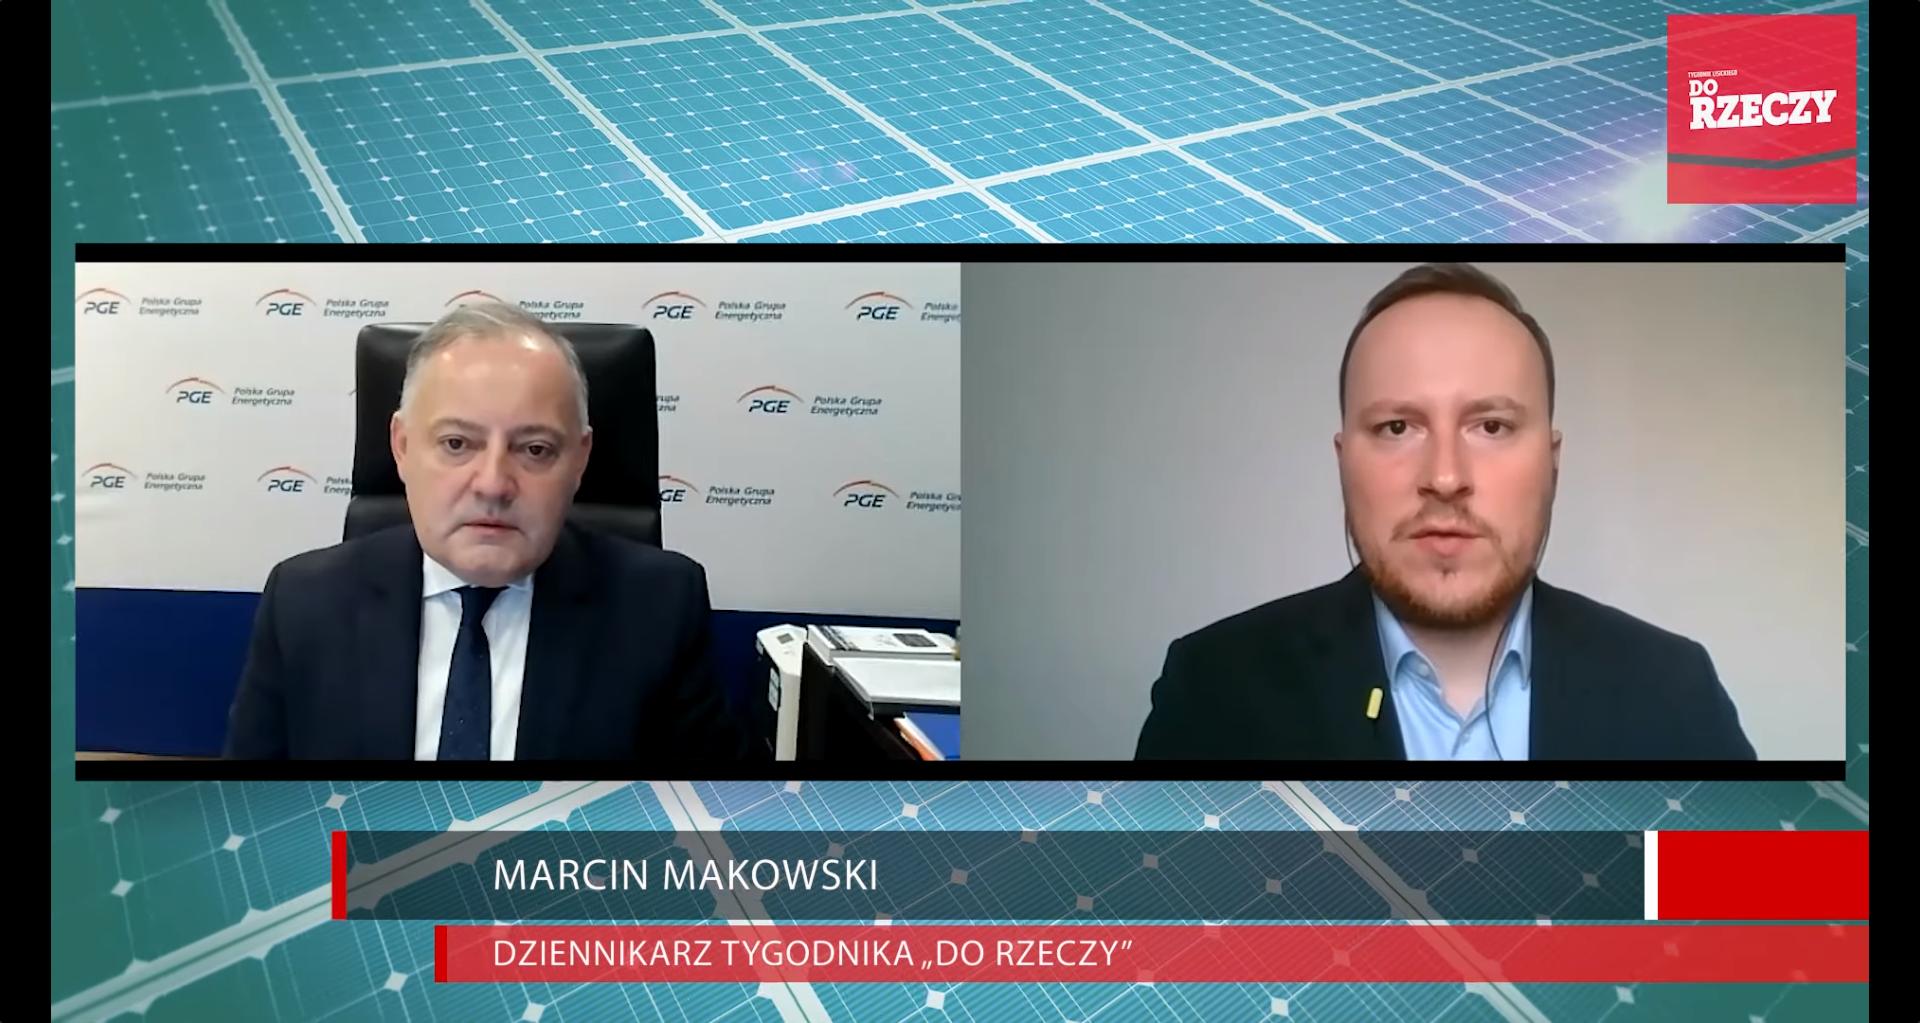 """Prezes Zarządu PGE, Wojciech Dąbrowski i Marcin Makowski, dziennikarz Tygodnia """"Dorzeczy"""""""